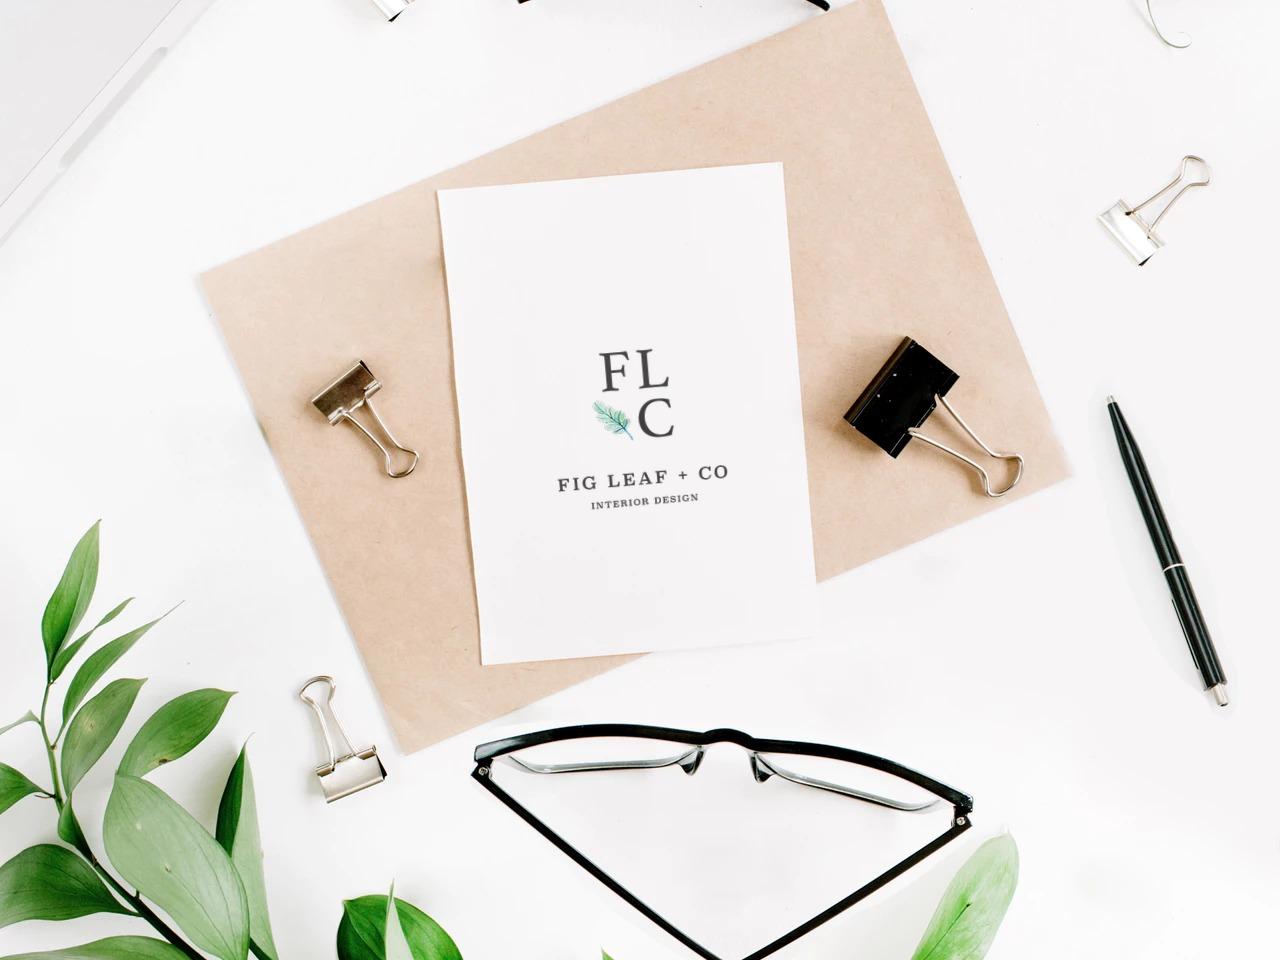 FLC_Branding_Design.jpg